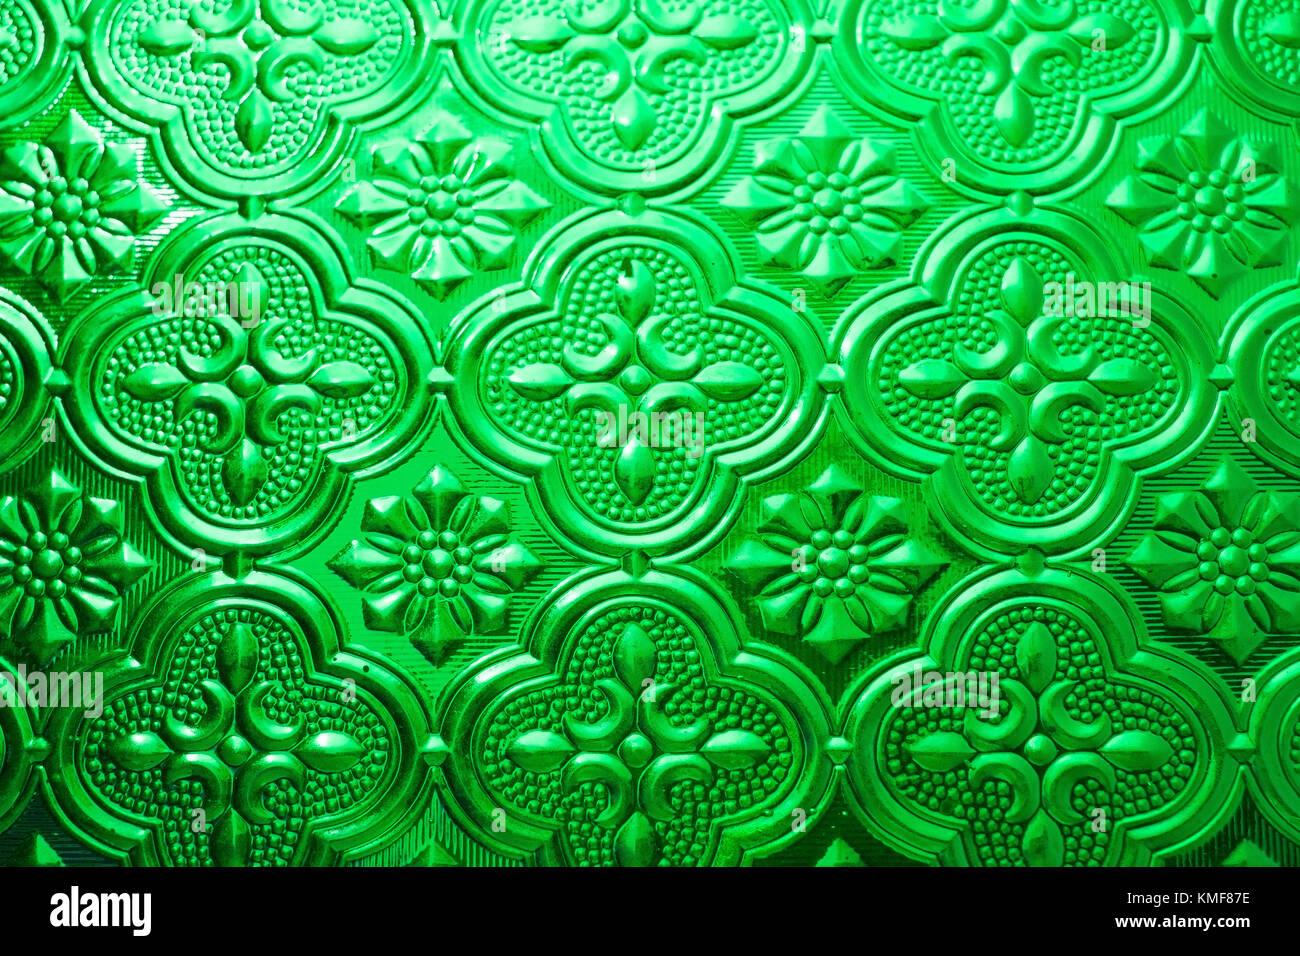 Seamless Texture Vert Coloré Fond Intérieur En Verre Décoration